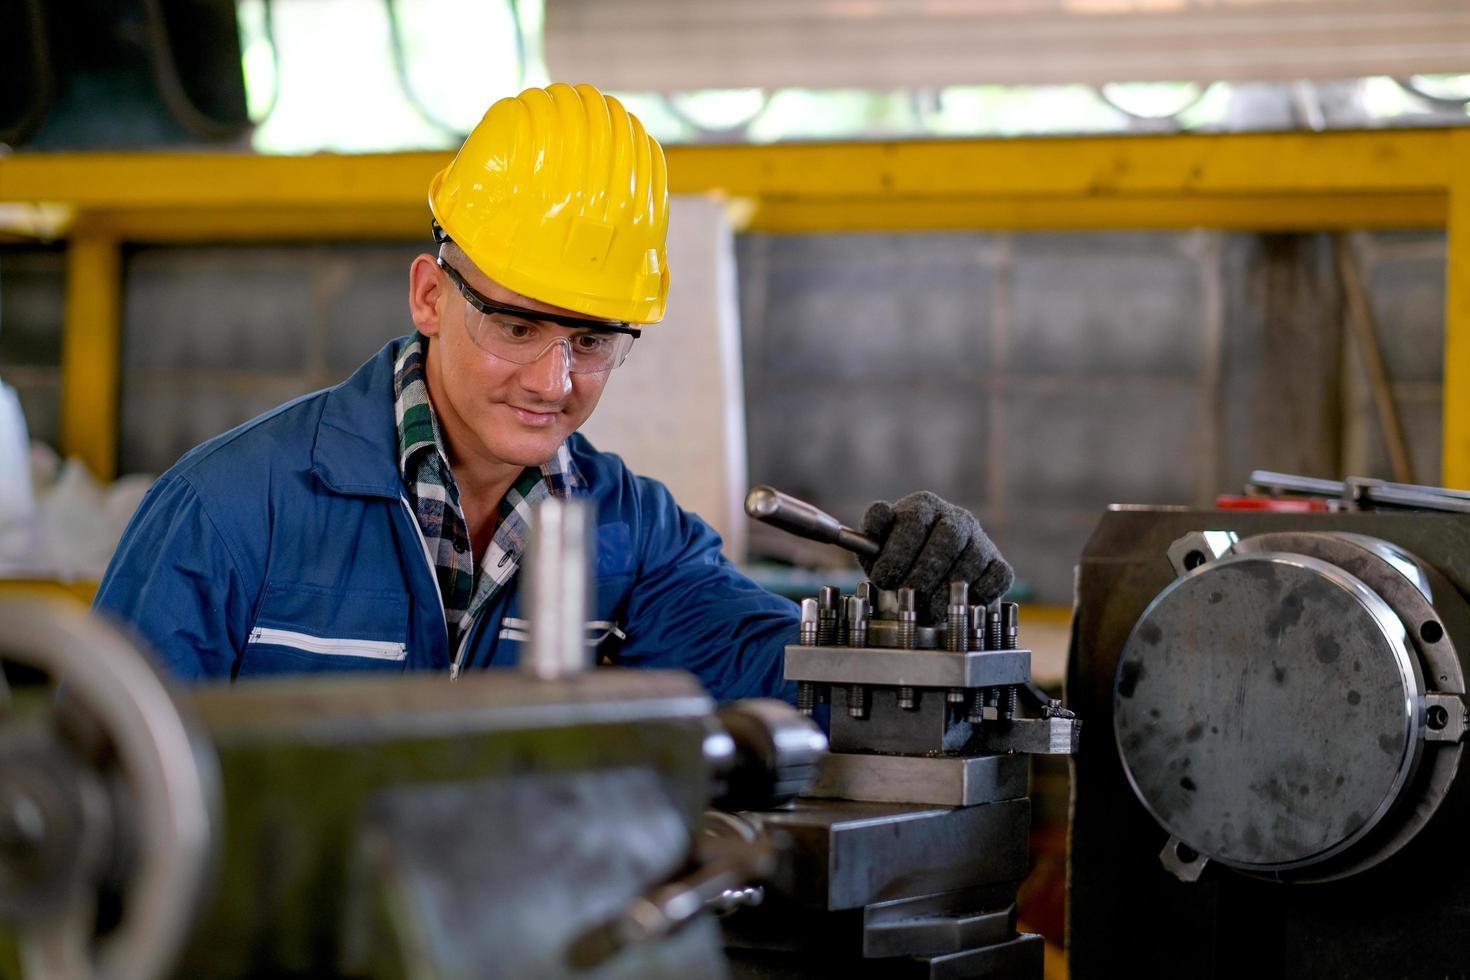 männlicher Techniker, der an Maschinen bei der Arbeit arbeitet foto